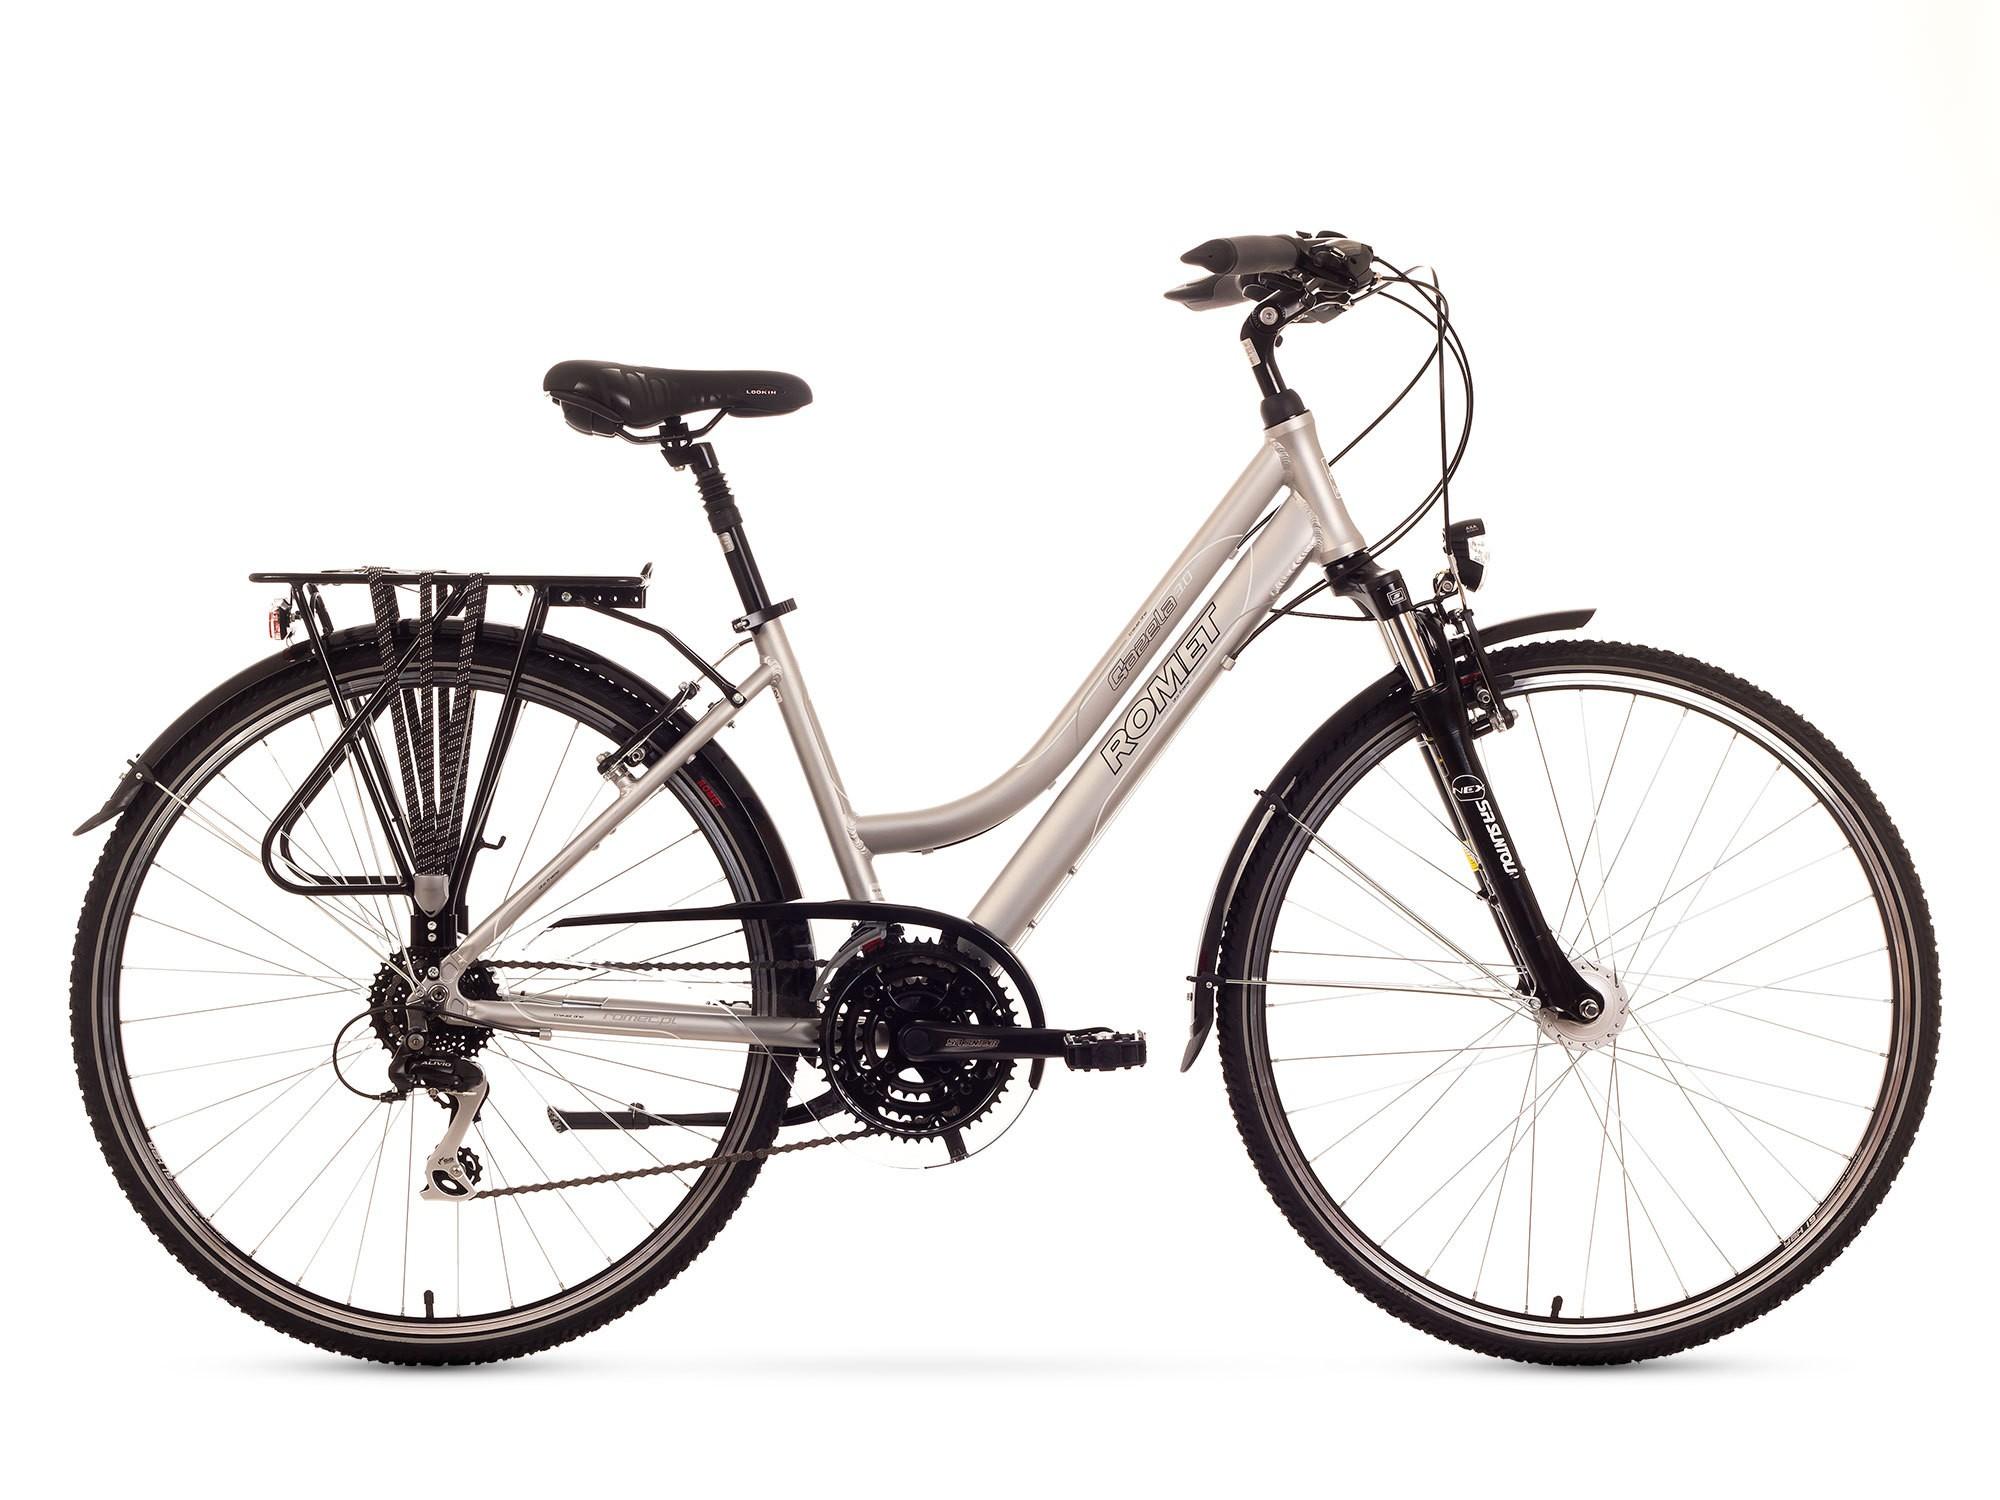 Bicicleta Trekking Romet Gazela 3.0 - grafit